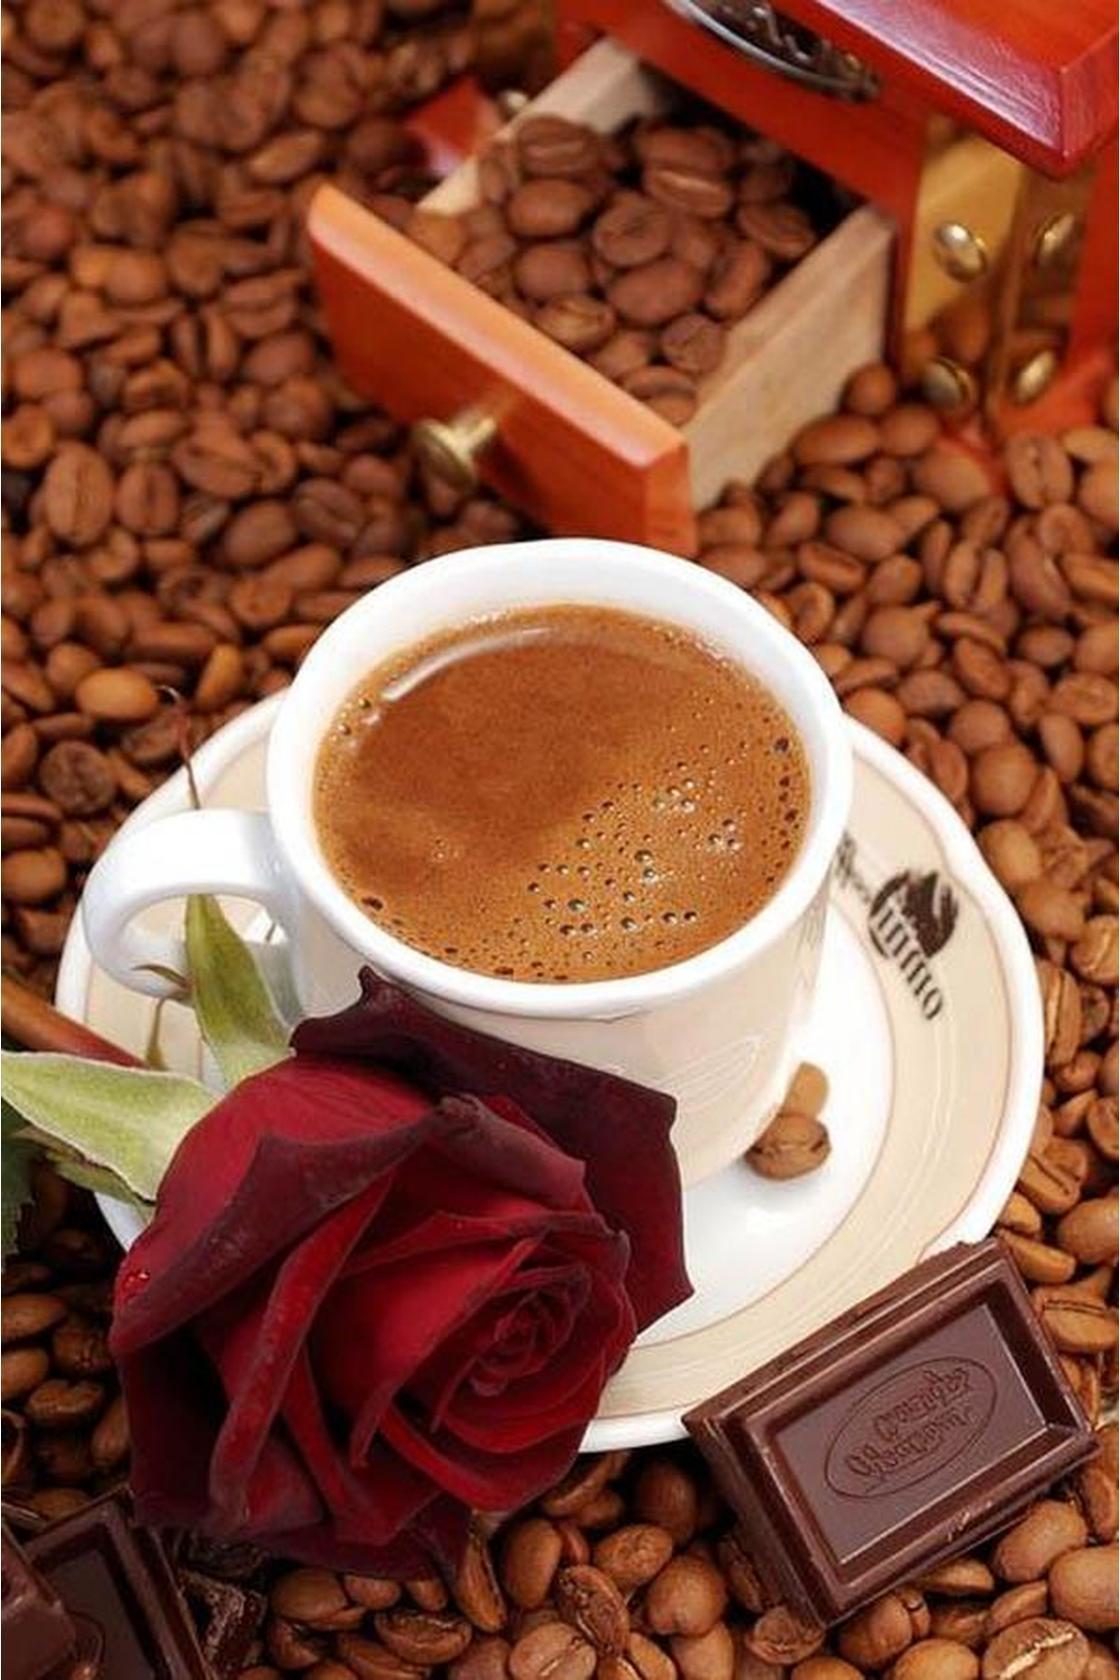 кофе шоколад и цветы картинки анимация месте москвы контексте